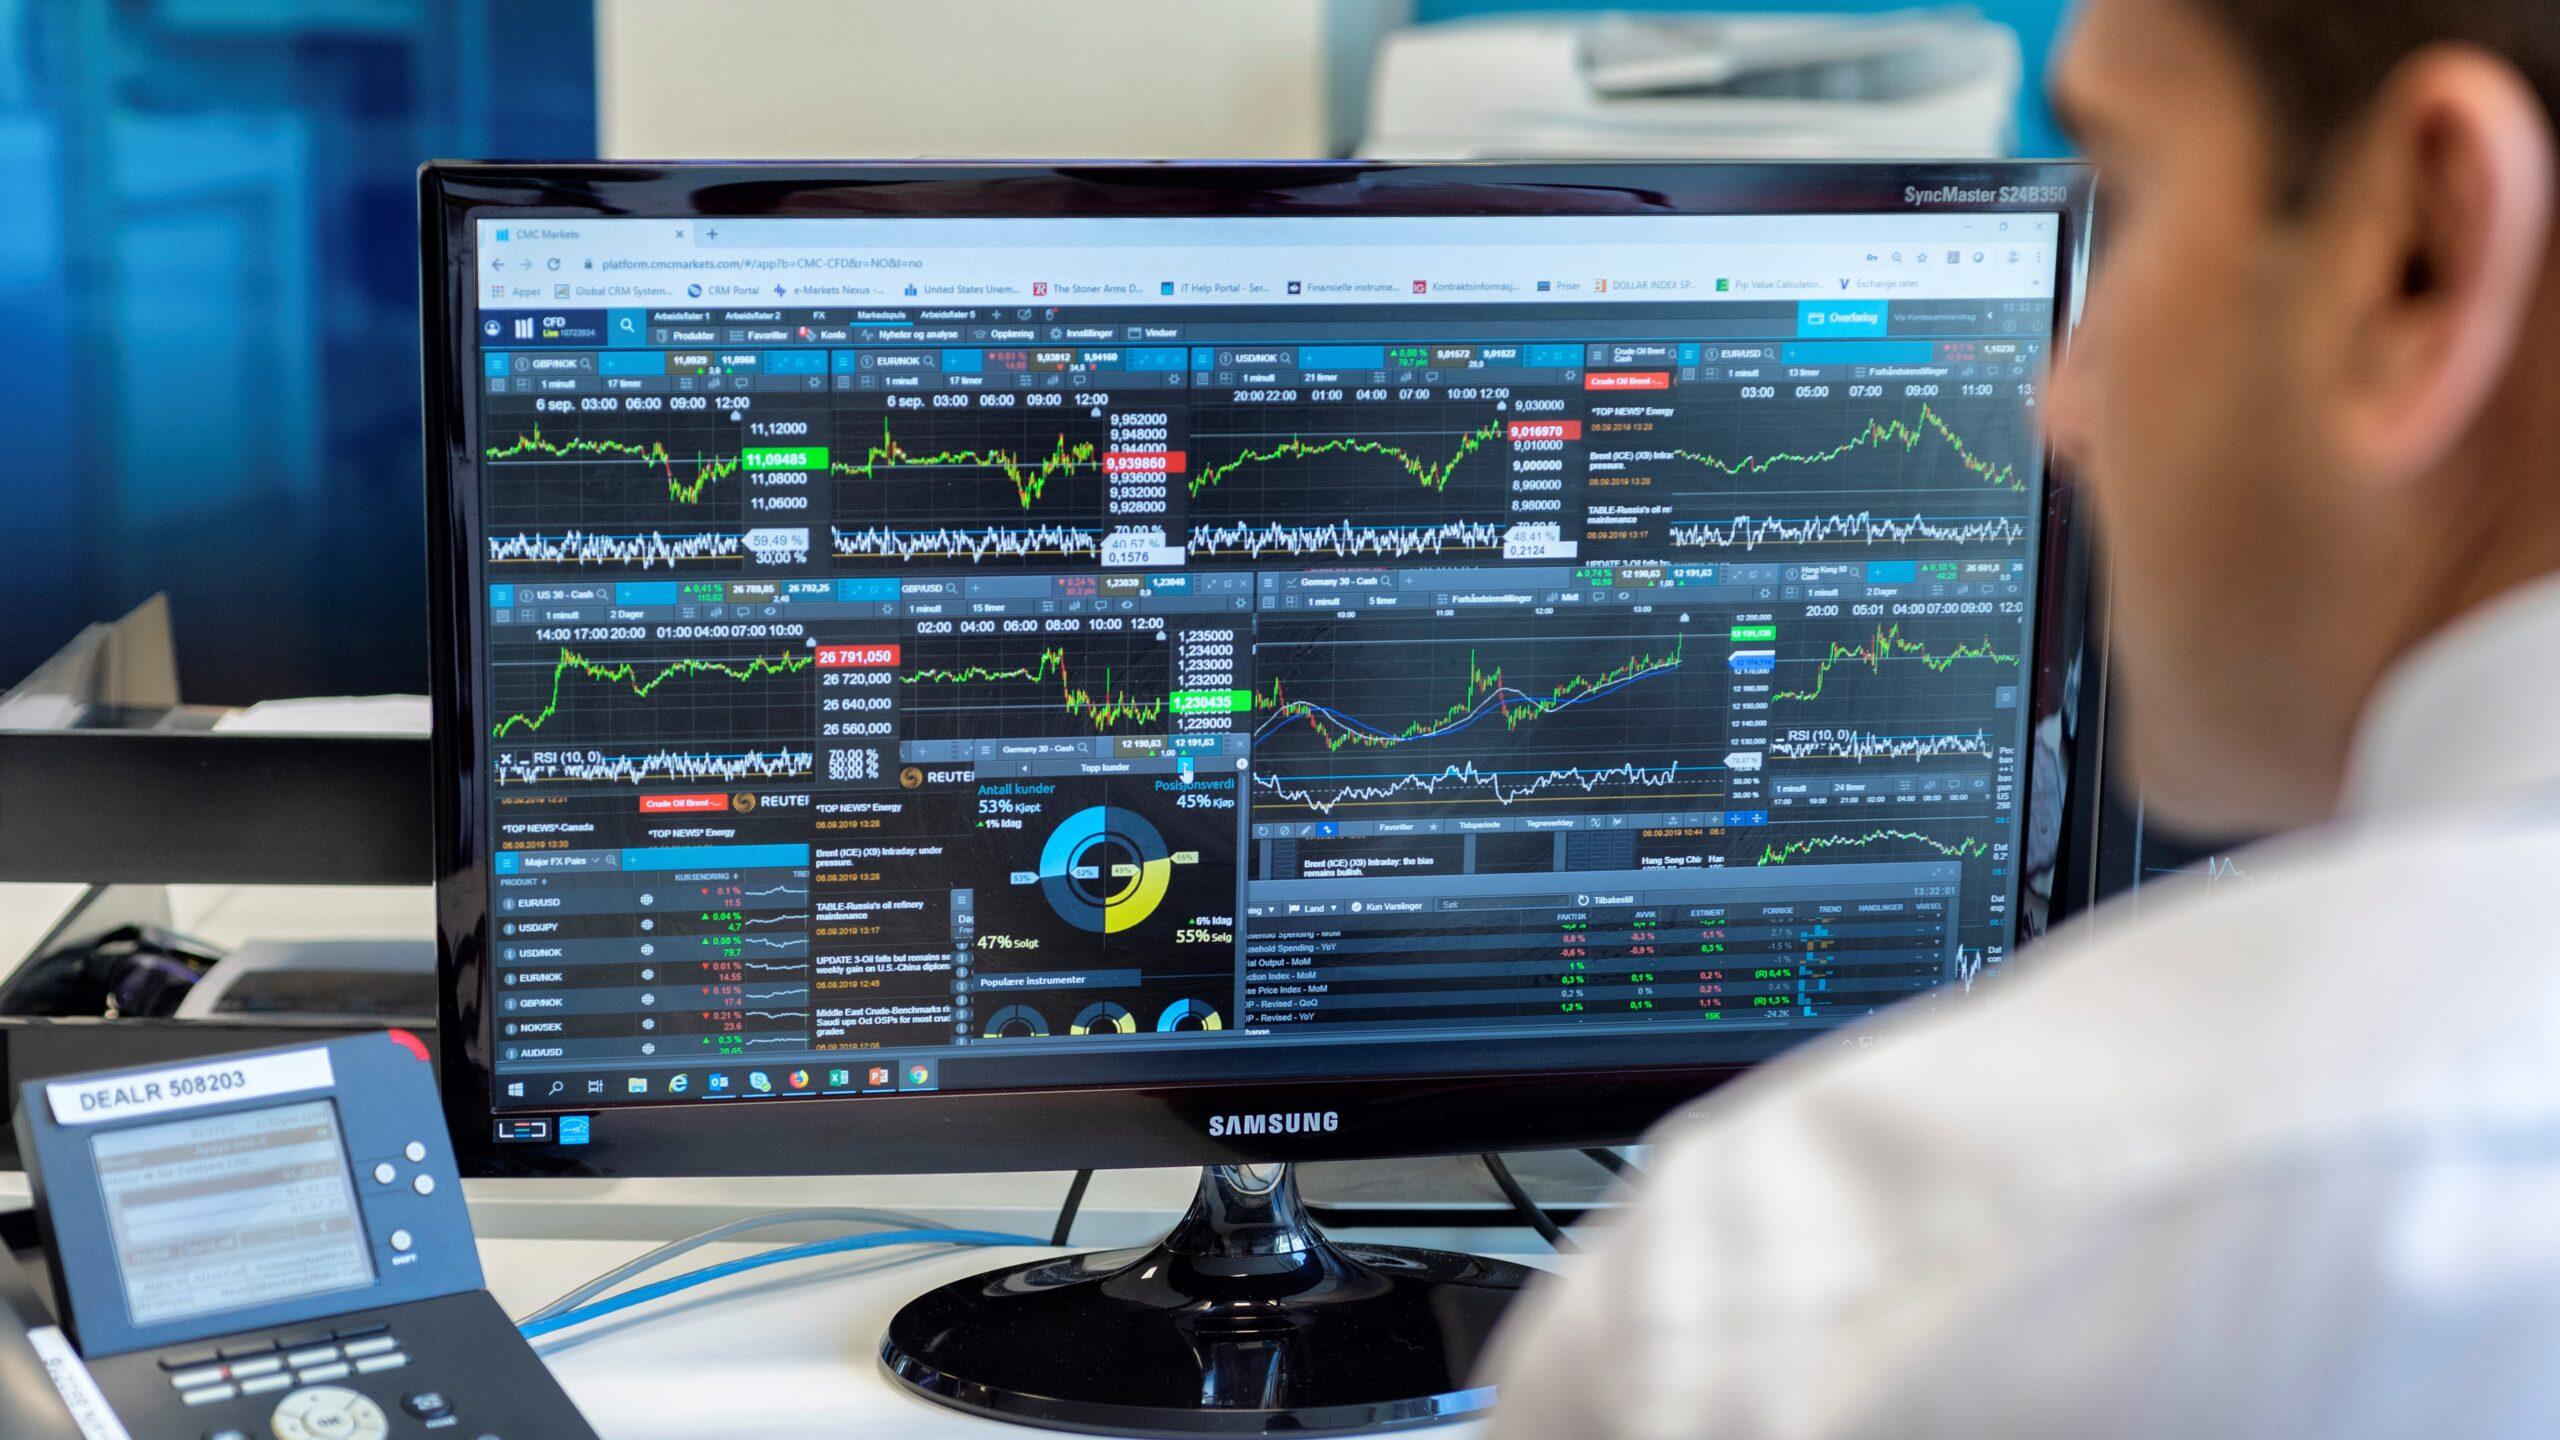 CMC Markets har flera traders fått upp ögonen för ETFer, börshandlade fonder. Det går till exempel att investera i amerikanska sektorer med tillväxtpotential genom CFDer.